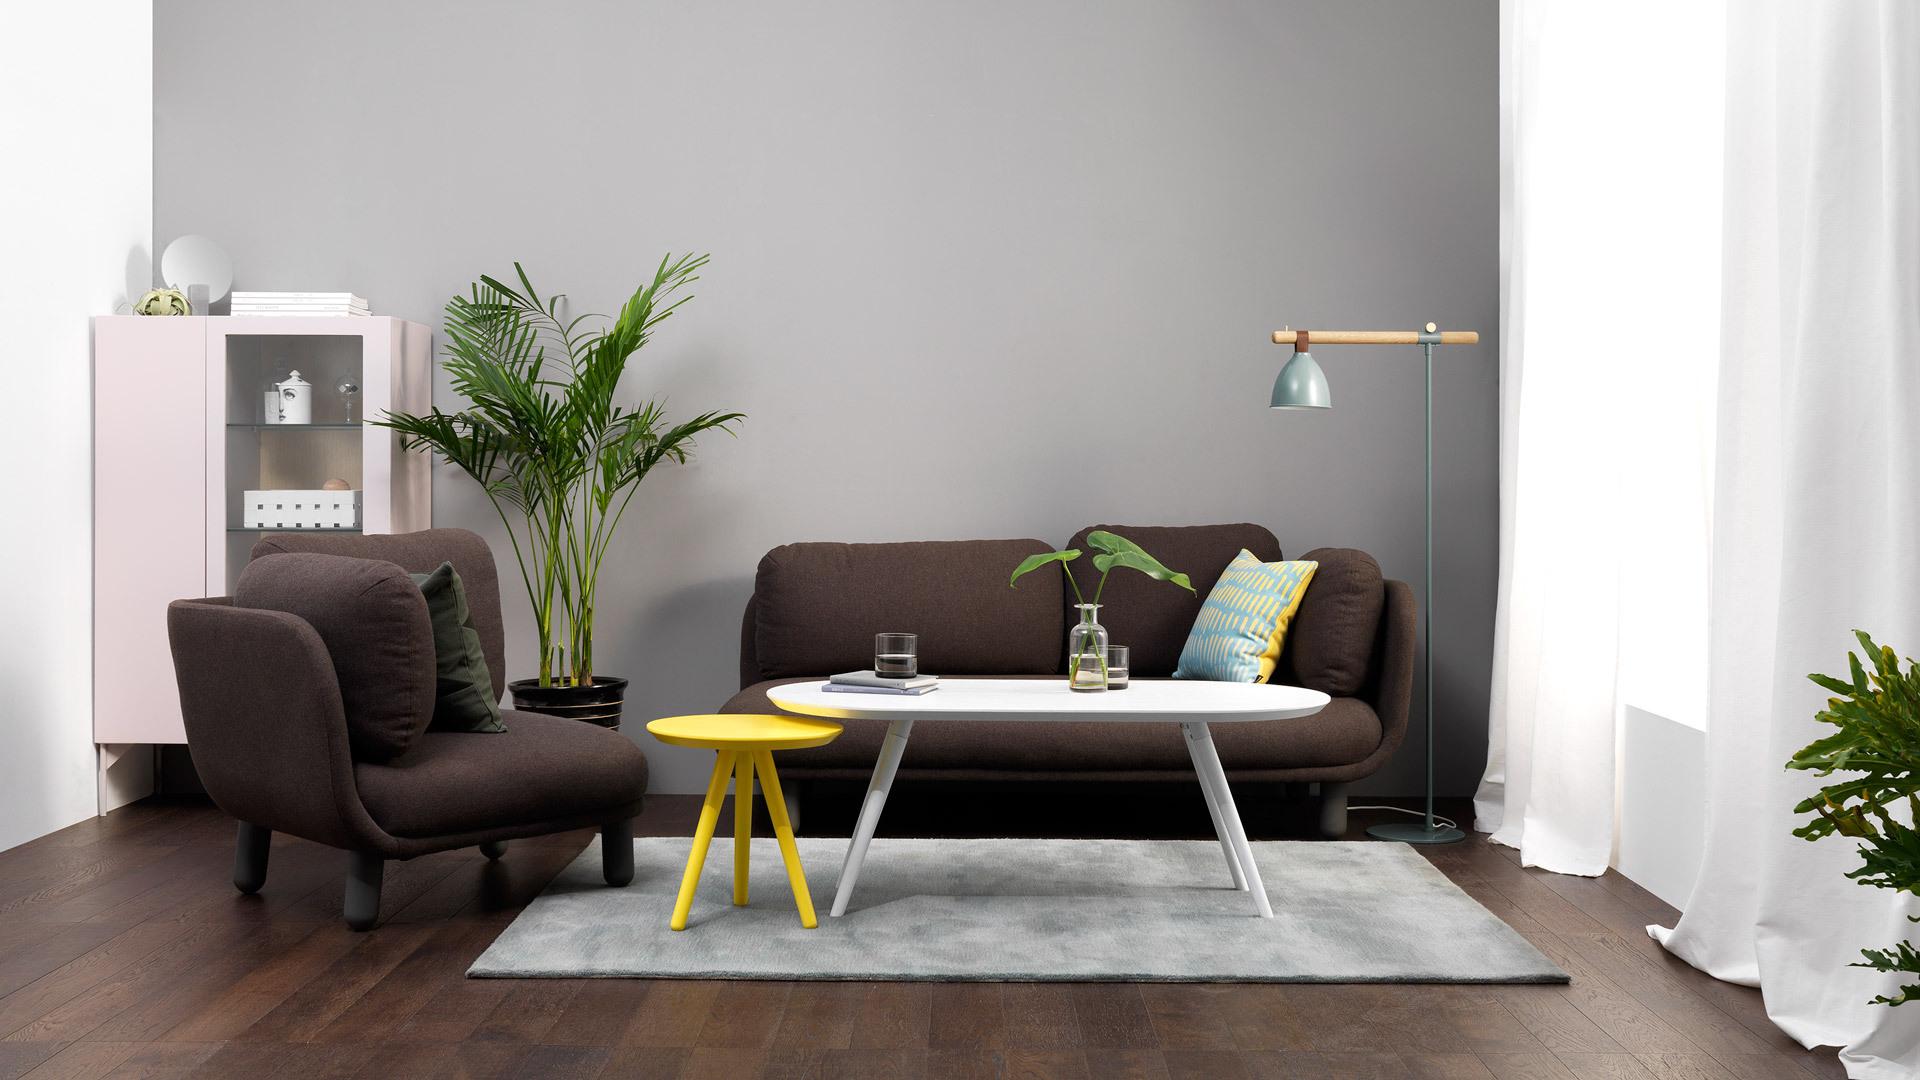 材质、体量、形态、色彩、连接、工艺……它是将一切设计语言规整到如此平衡优美的一件百搭作品,造作家具中价格最亲民的入门首选款。